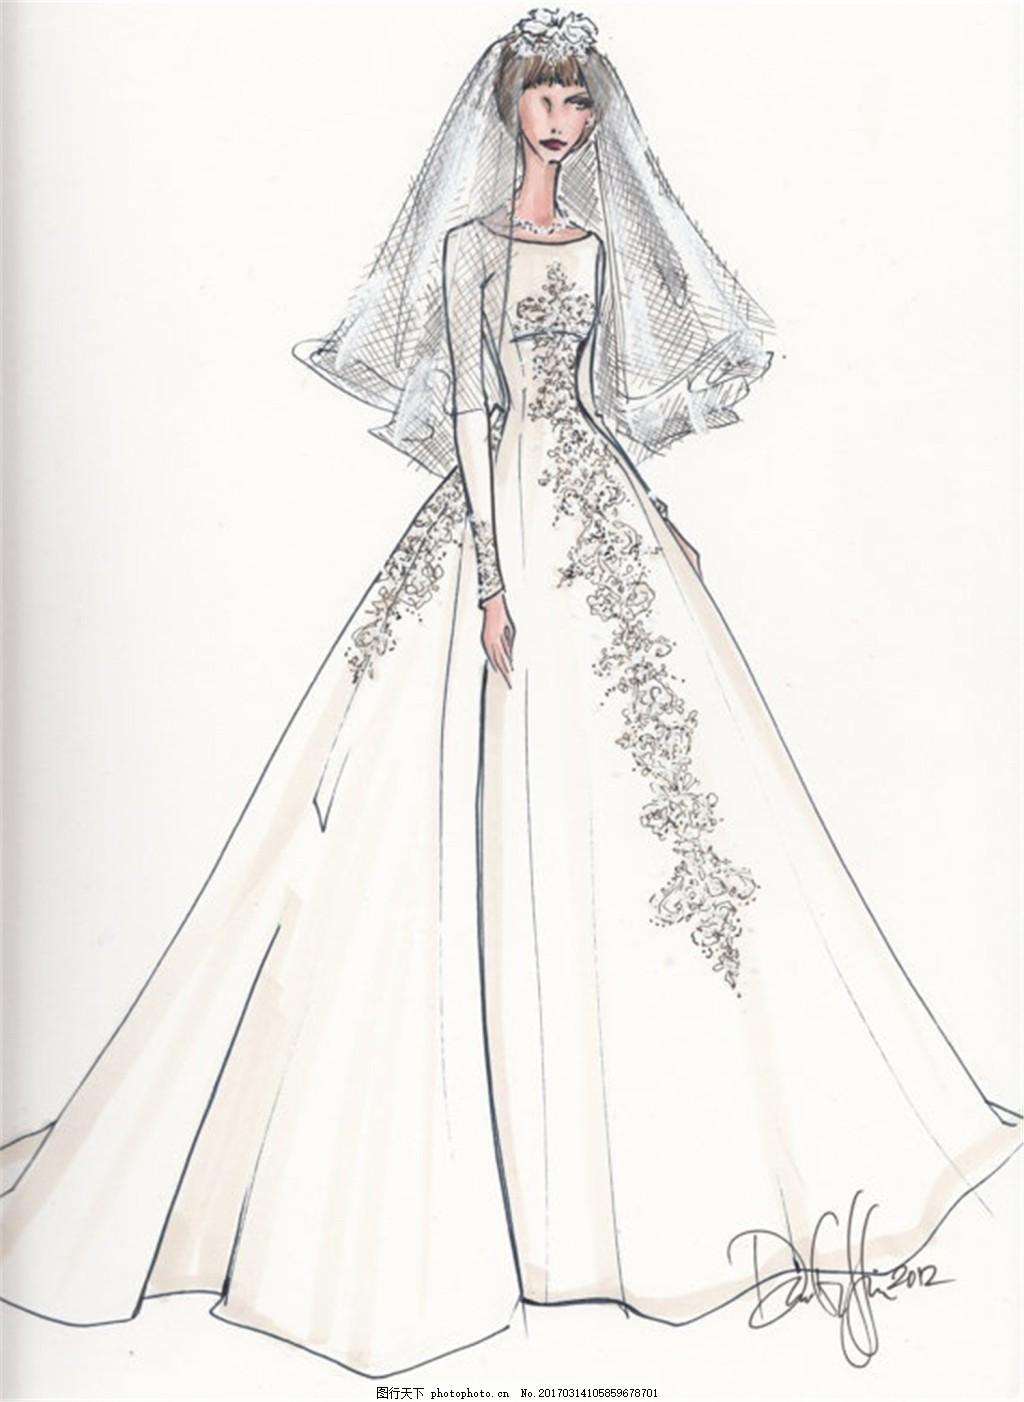 设计图库 现代科技 服装设计  白色婚纱裙设计图 服装设计 时尚女装